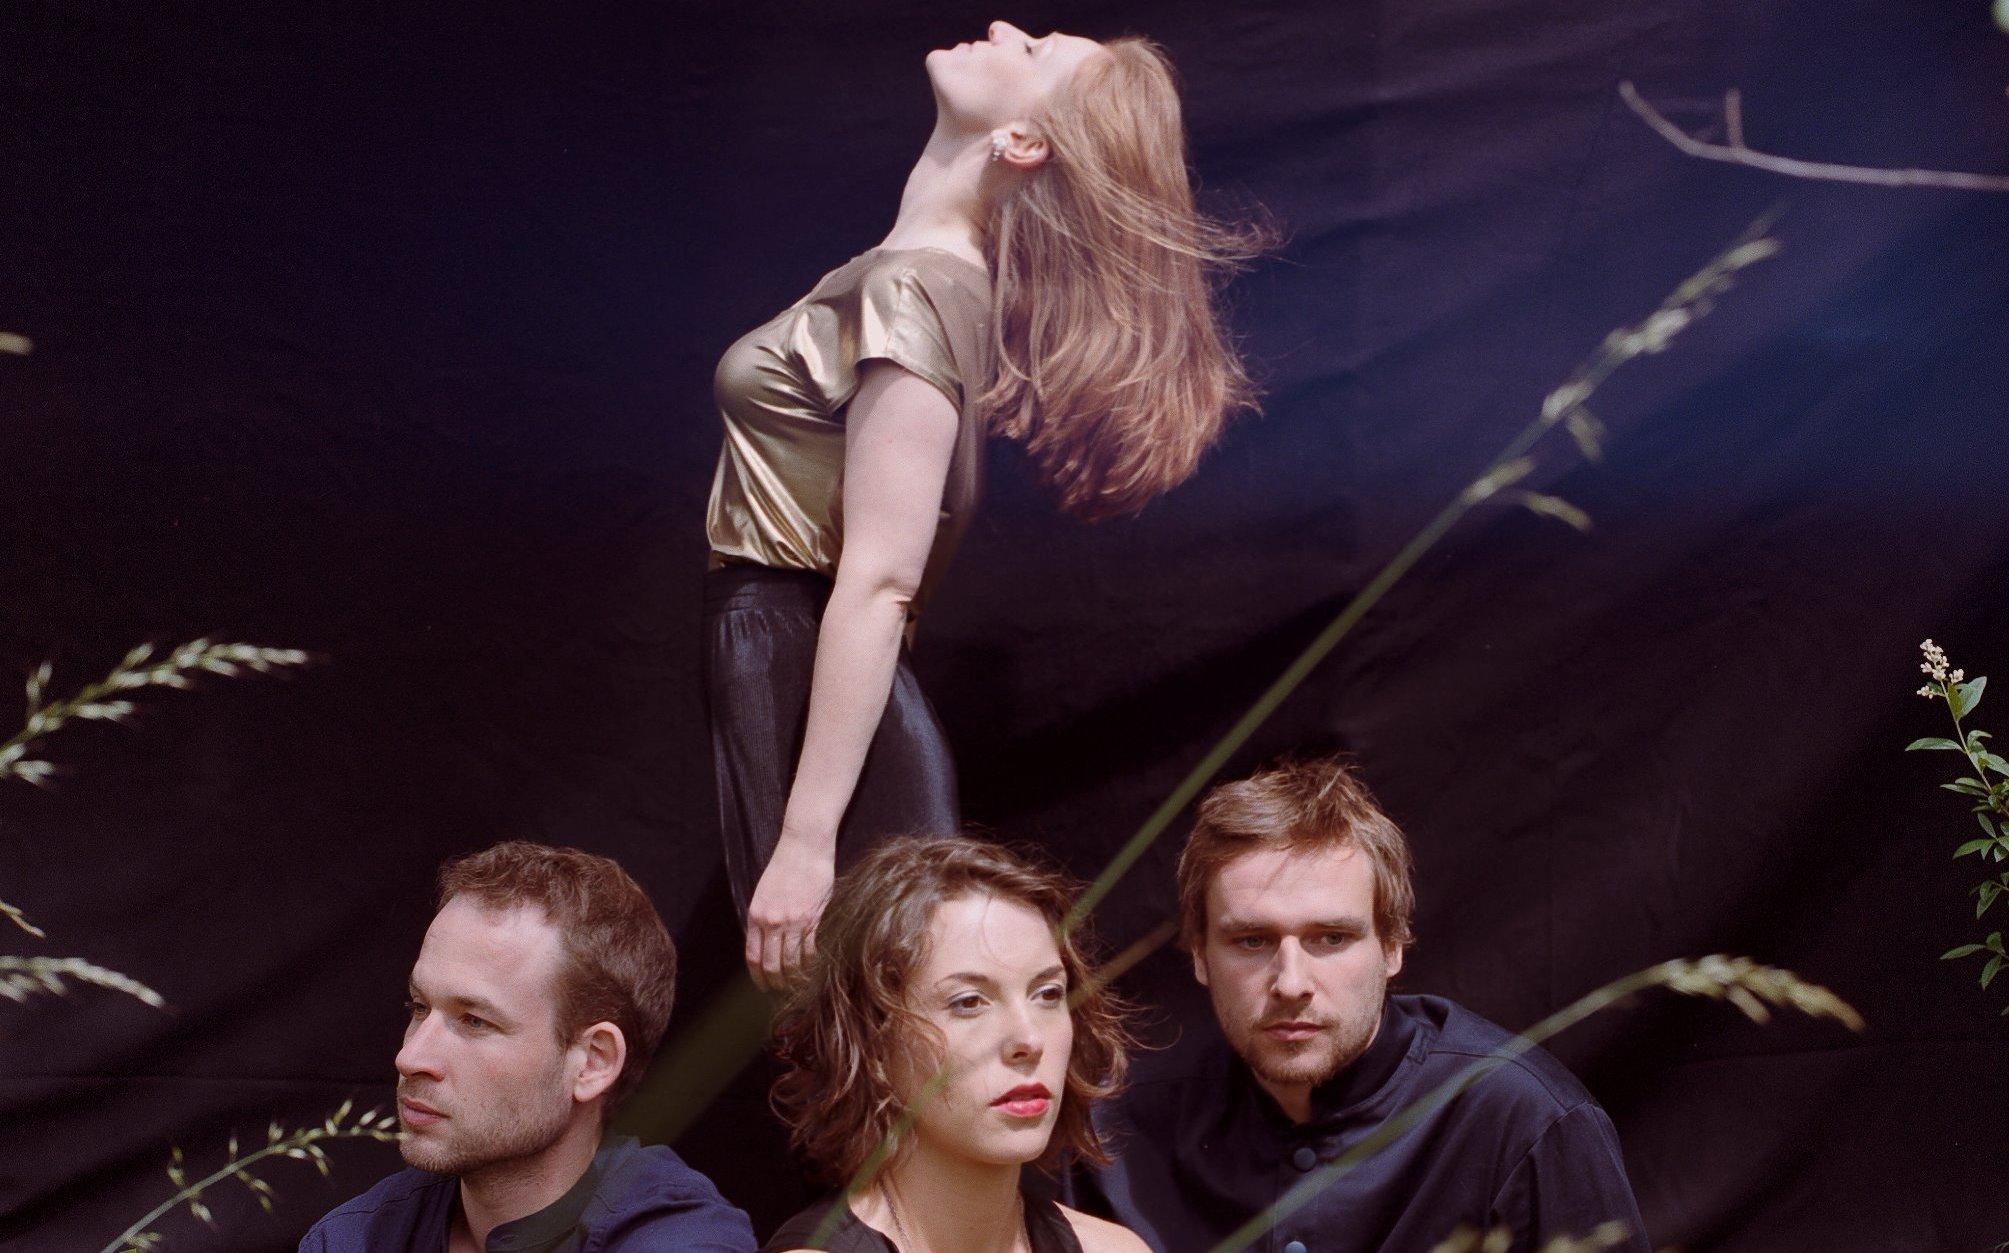 Premiere in Köln: Lady Jane in Concert